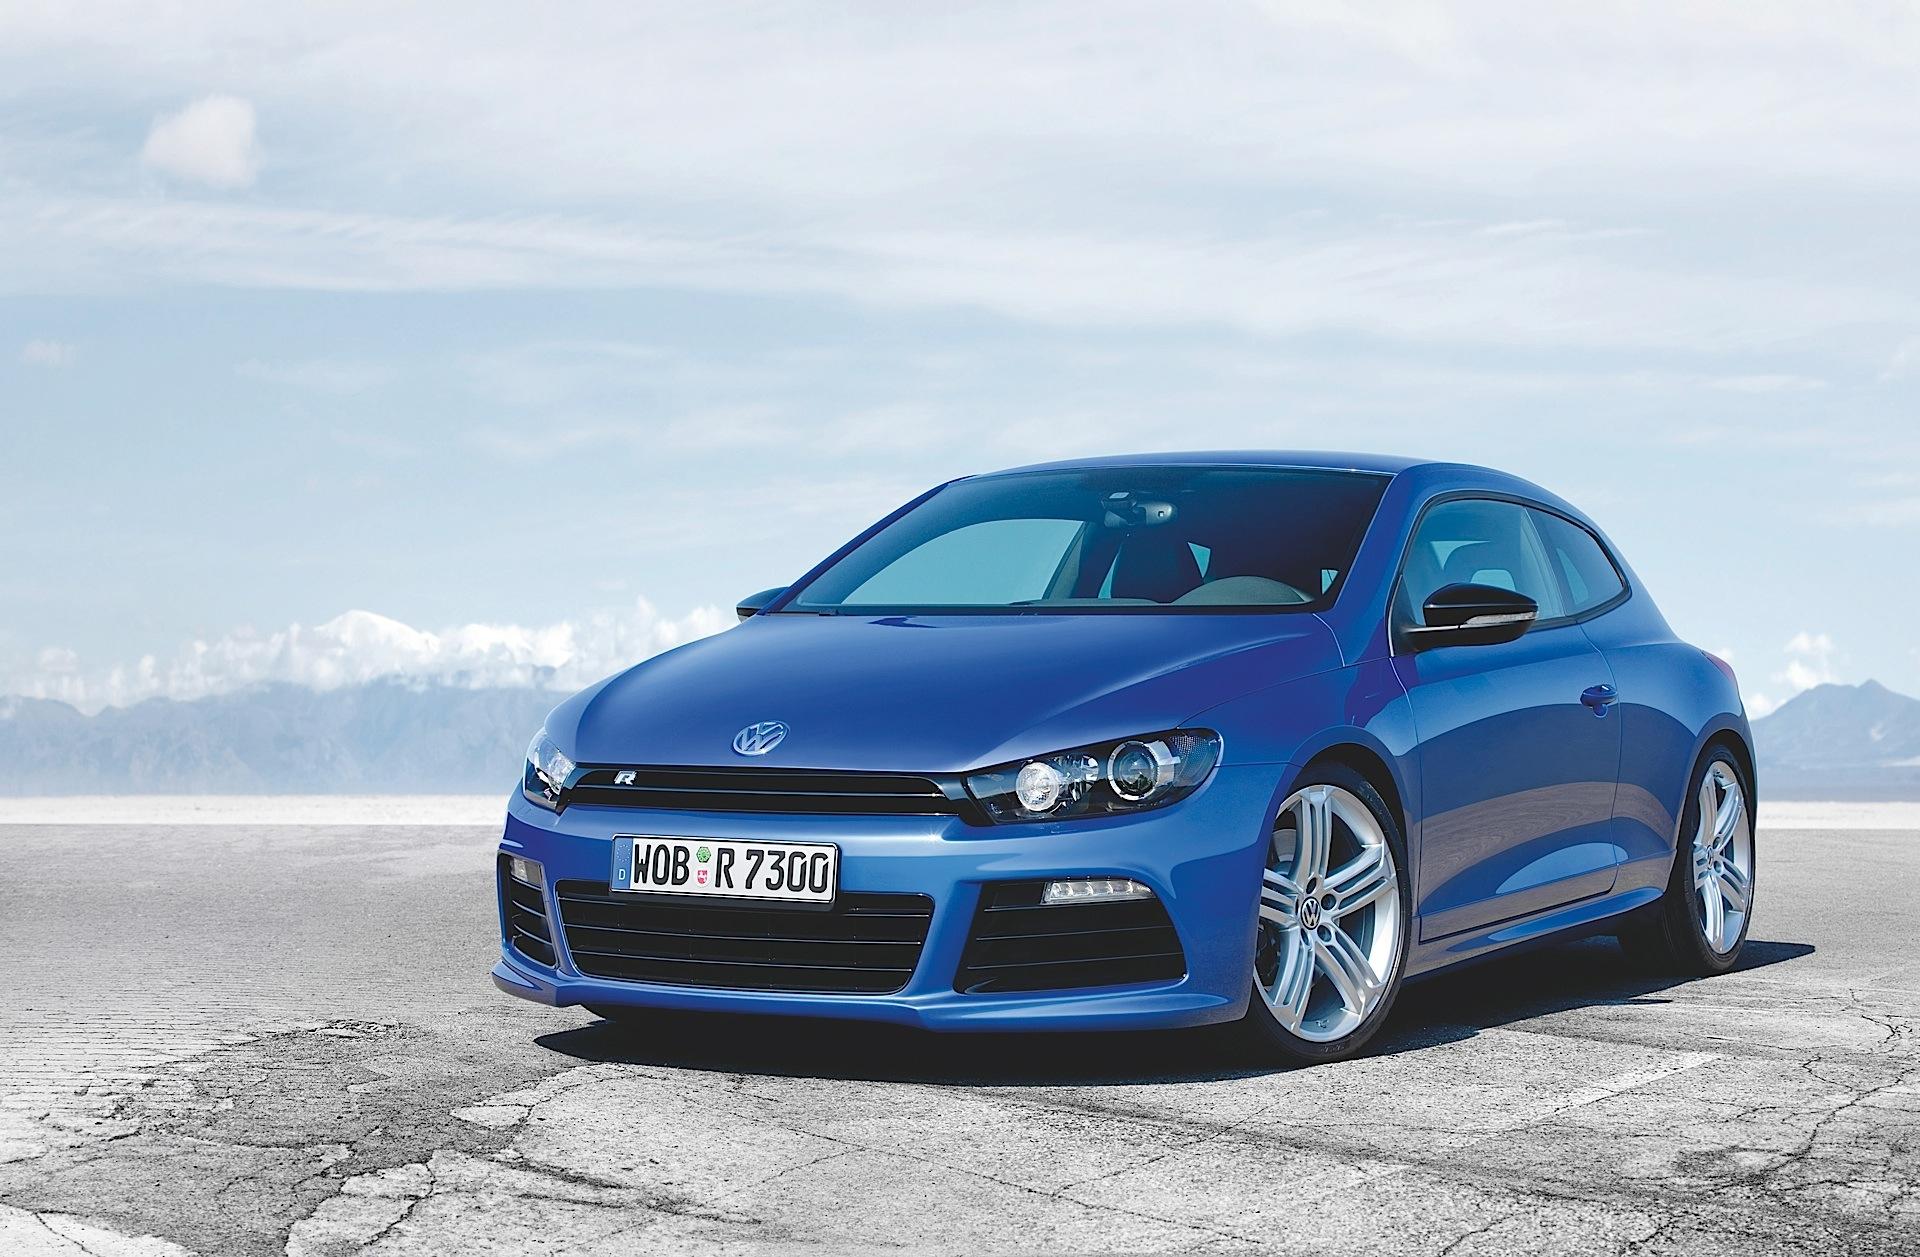 2009 Volkswagen Scirocco | car review @ Top Speed